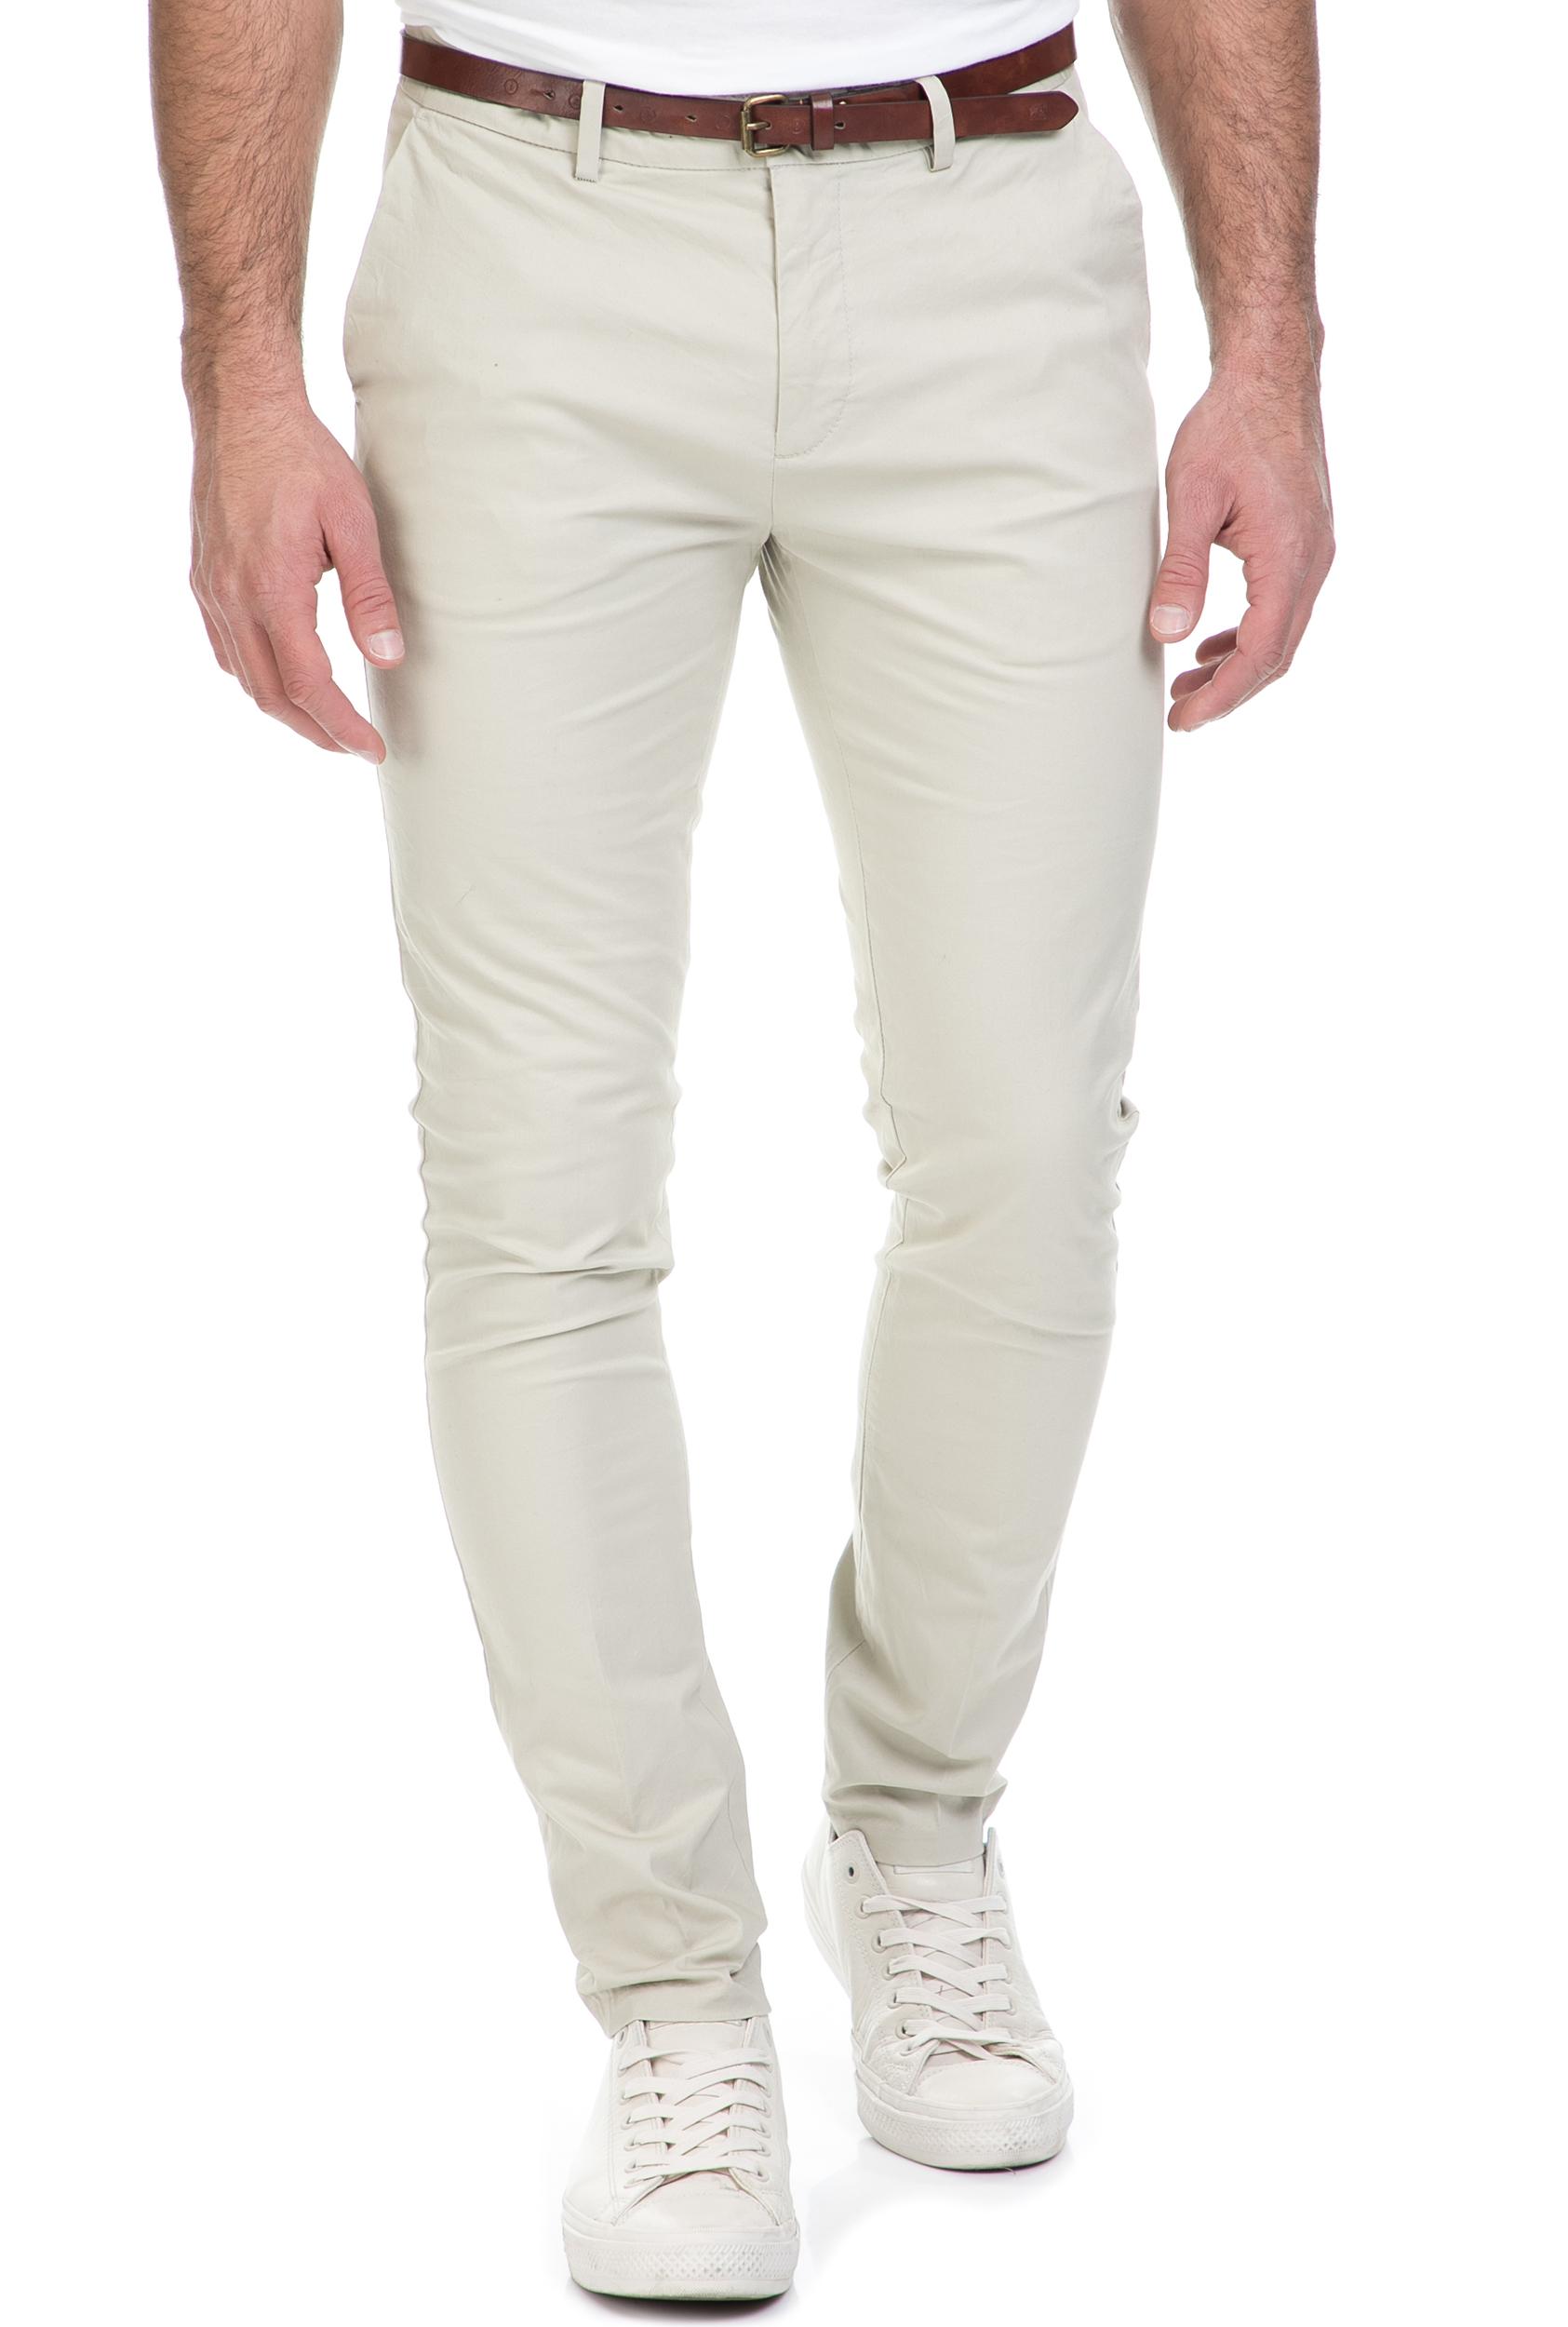 SCOTCH & SODA - Ανδρικό παντελόνι SCOTCH & SODA εκρού ανδρικά ρούχα παντελόνια chinos